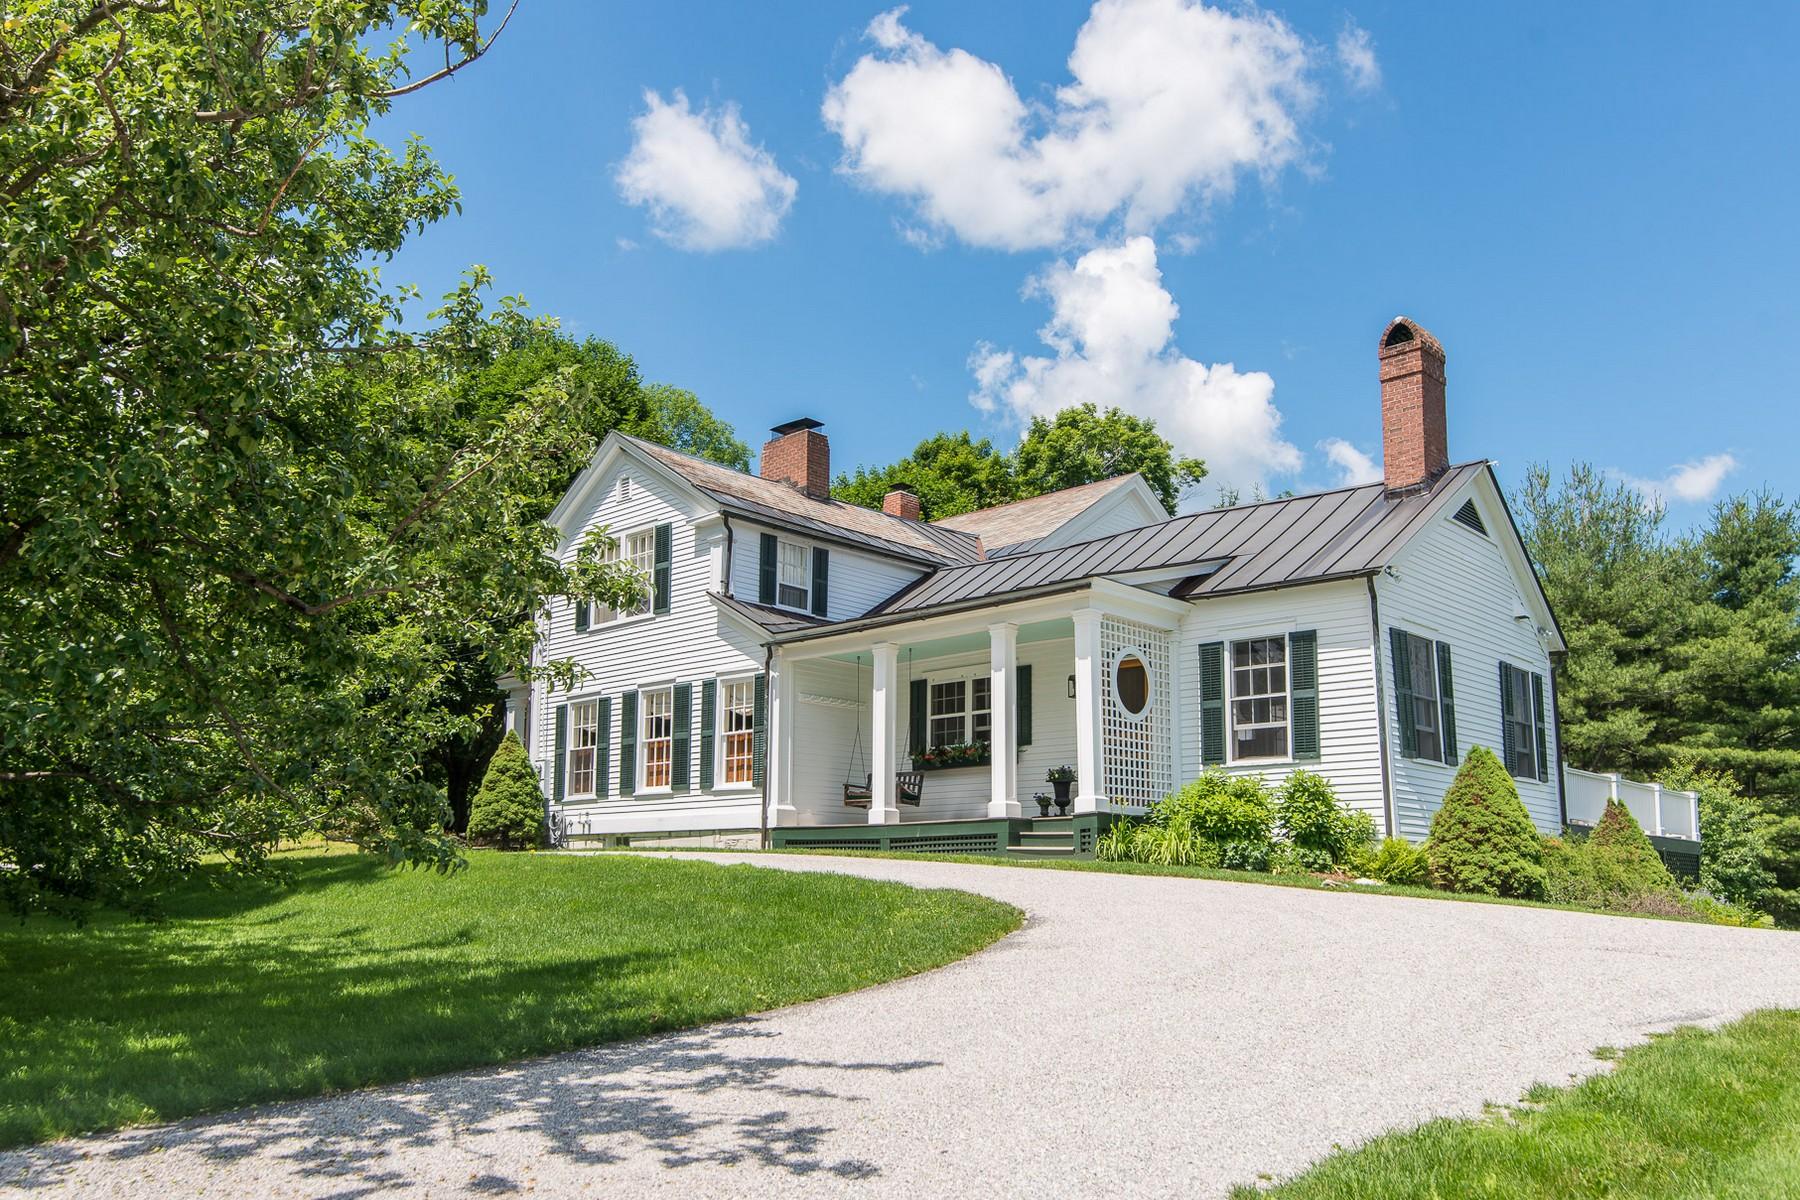 独户住宅 为 销售 在 2046 Dorset West Road, Dorset 2046 Dorset West Rd 多塞特郡, 佛蒙特州 05251 美国